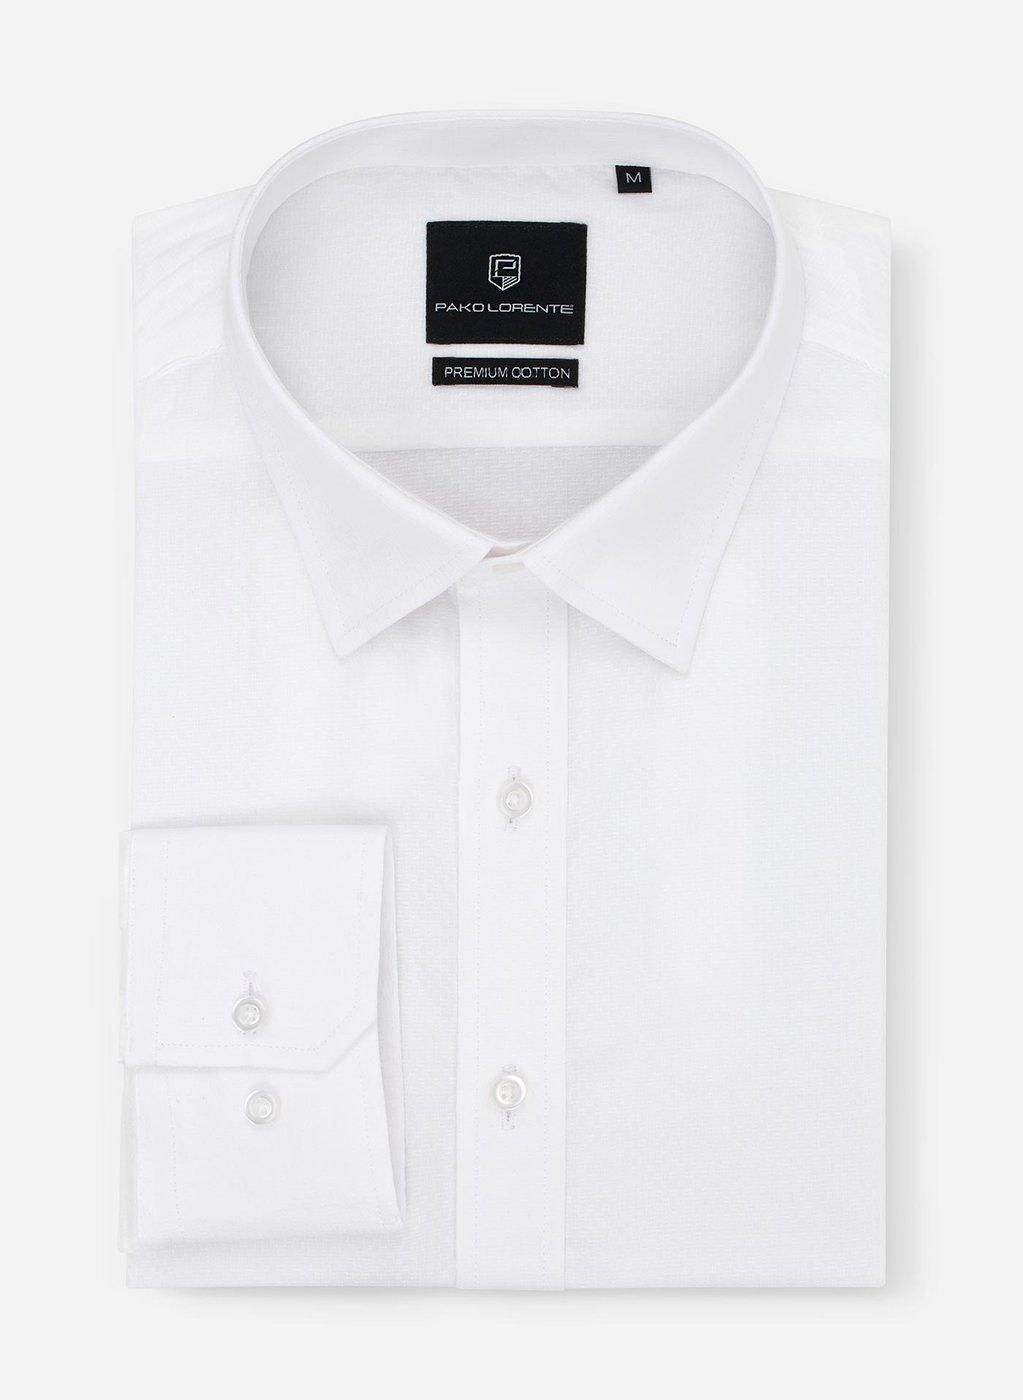 Biała koszula męska do stylizacji eleganckich i casualowych  2wVuT